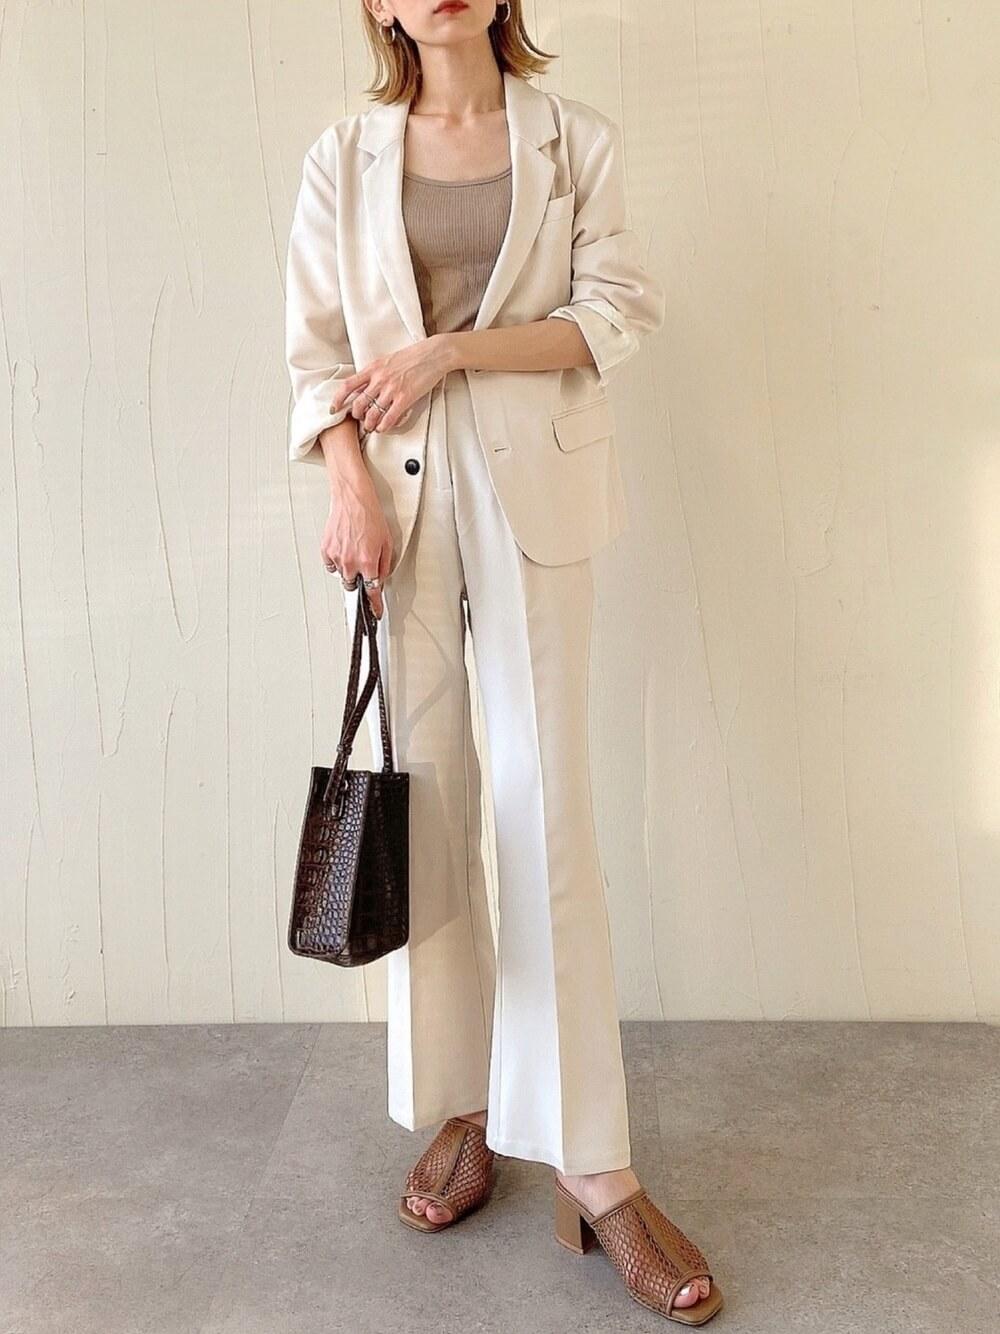 キャミソール×白のジャケット×白のスラックス×ブラウンのメッシュサンダル